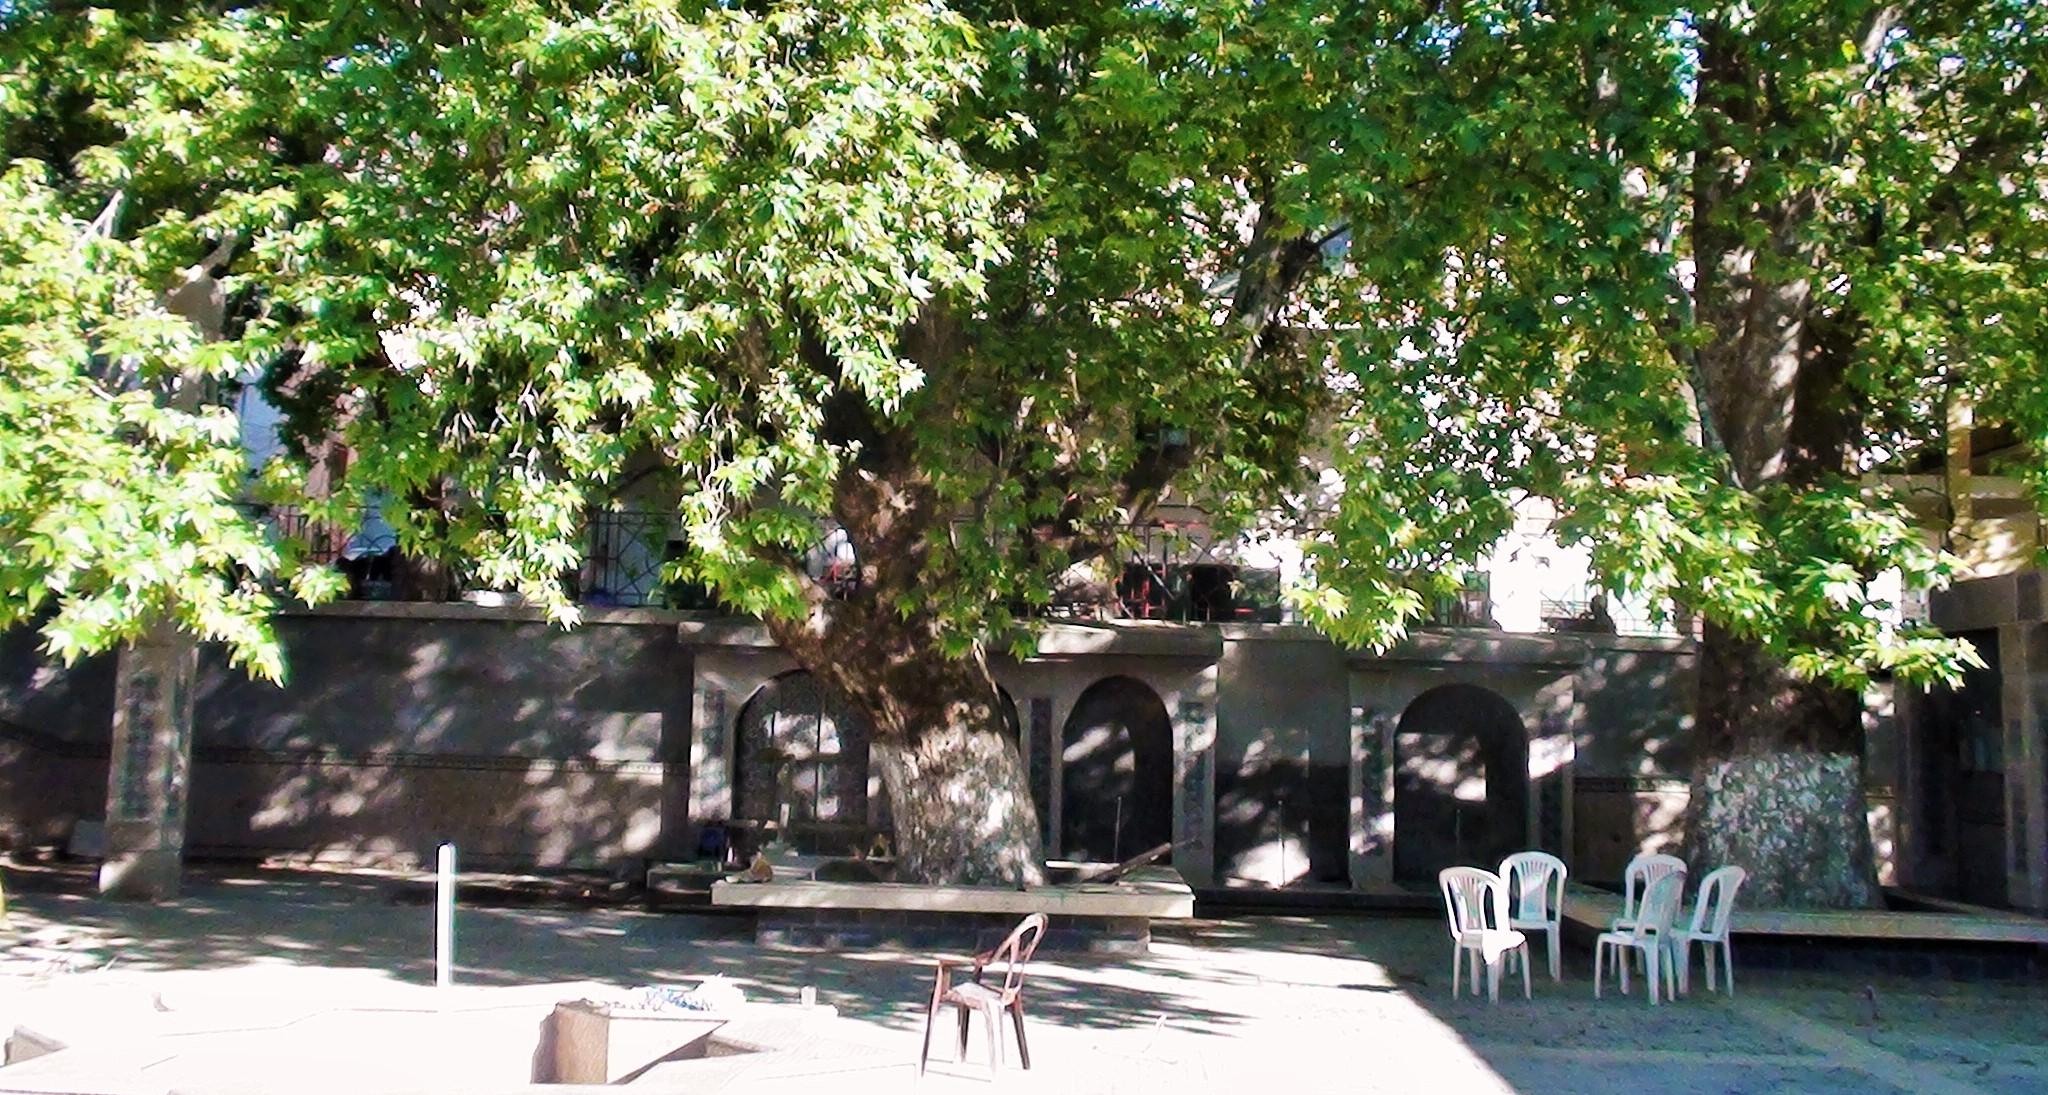 Debdou, un coin d'Andalousie au Maroc